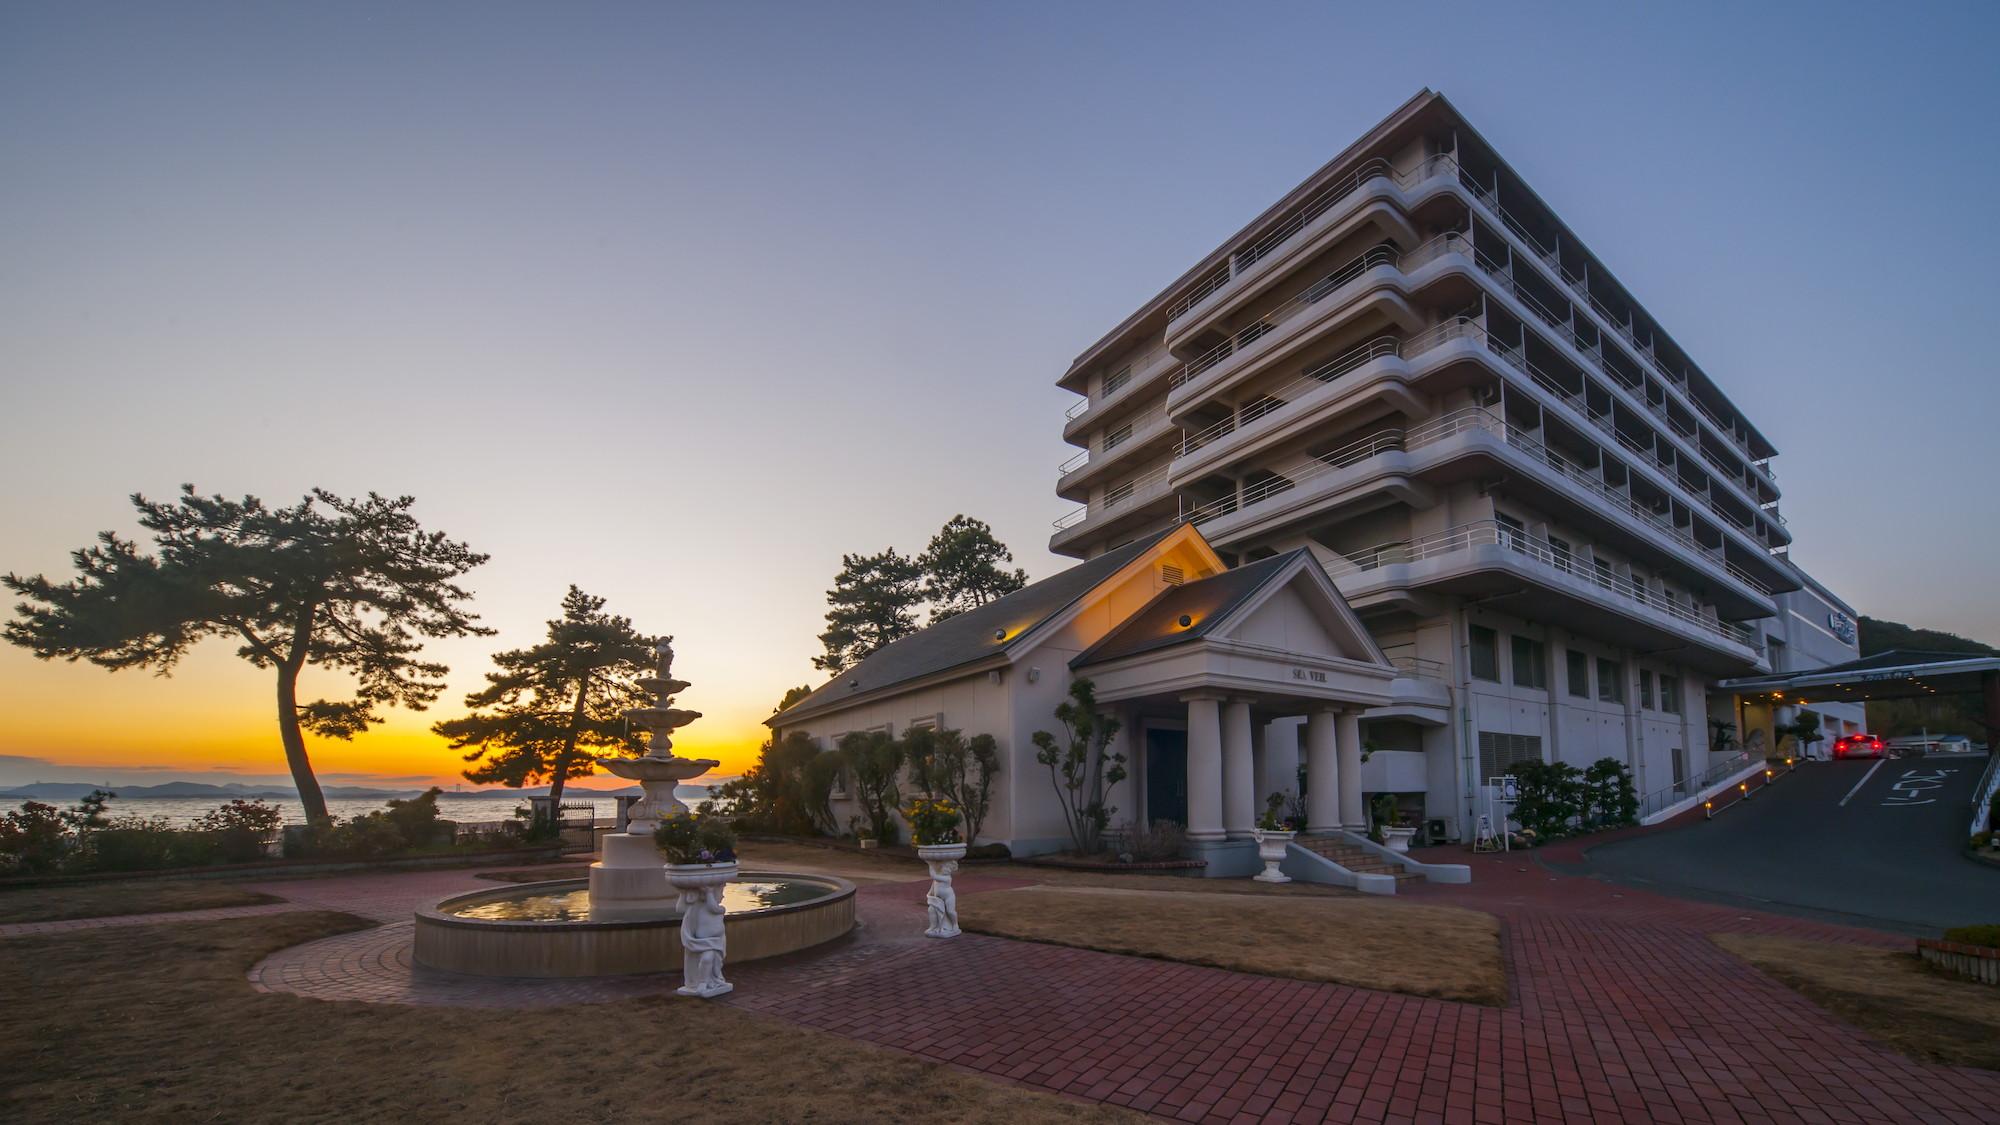 ダイヤモンド瀬戸内マリンホテル